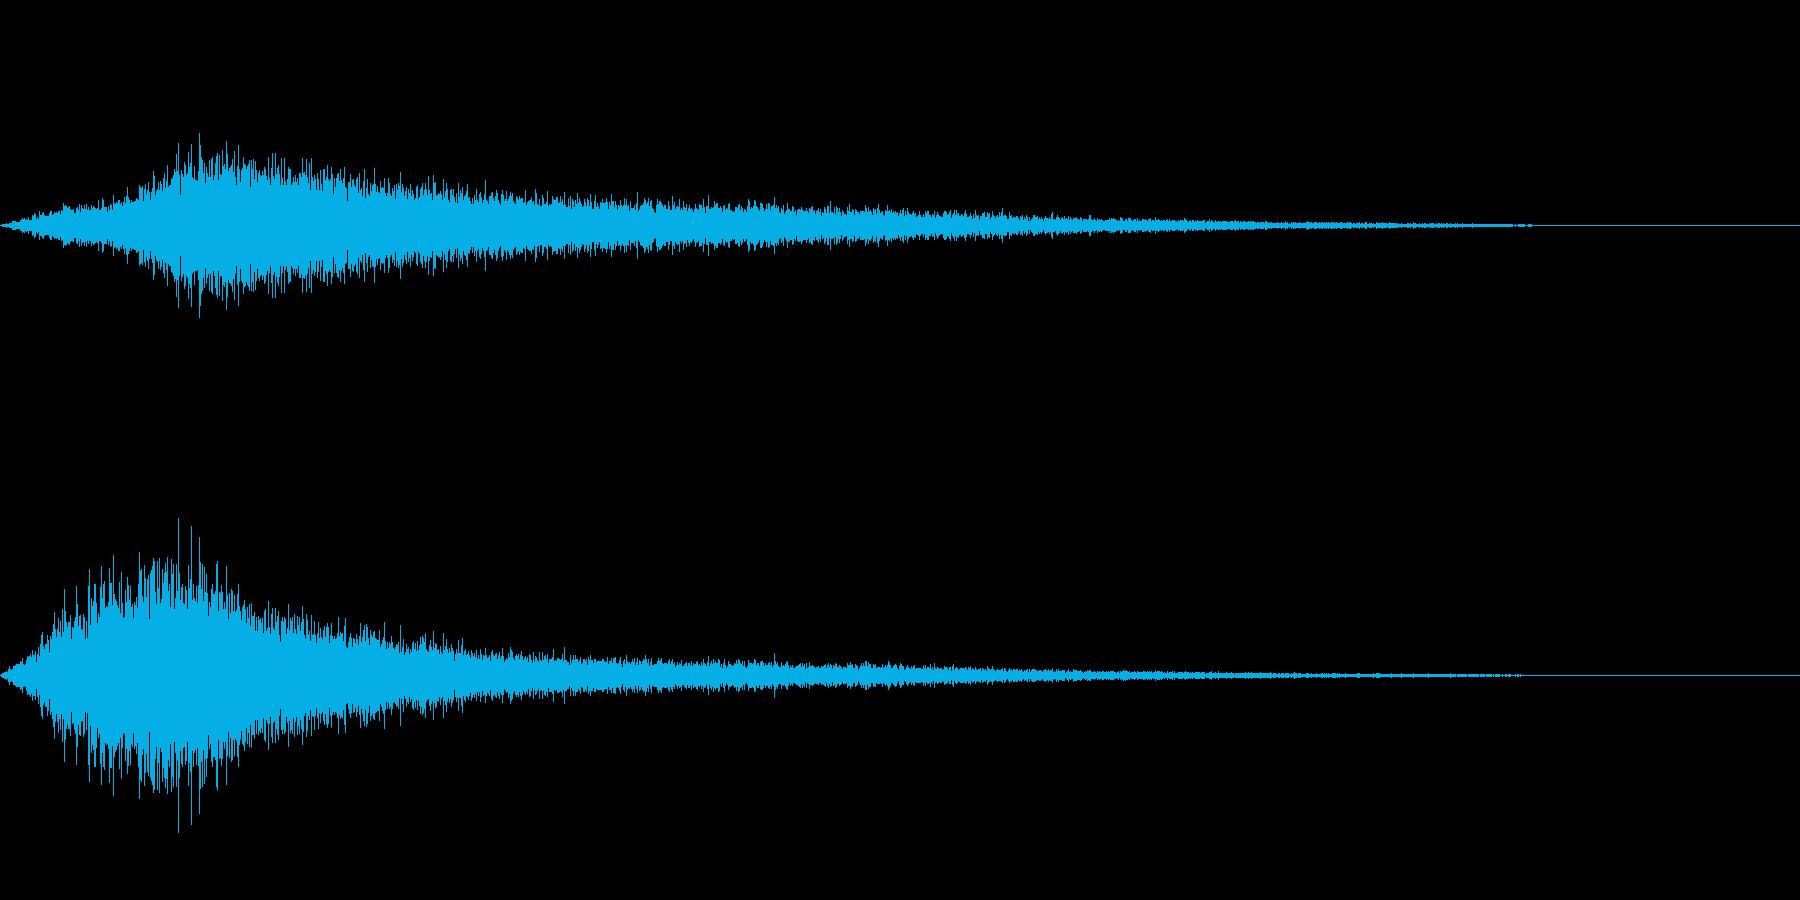 【生録音】 早朝の街 交通 環境音 27の再生済みの波形